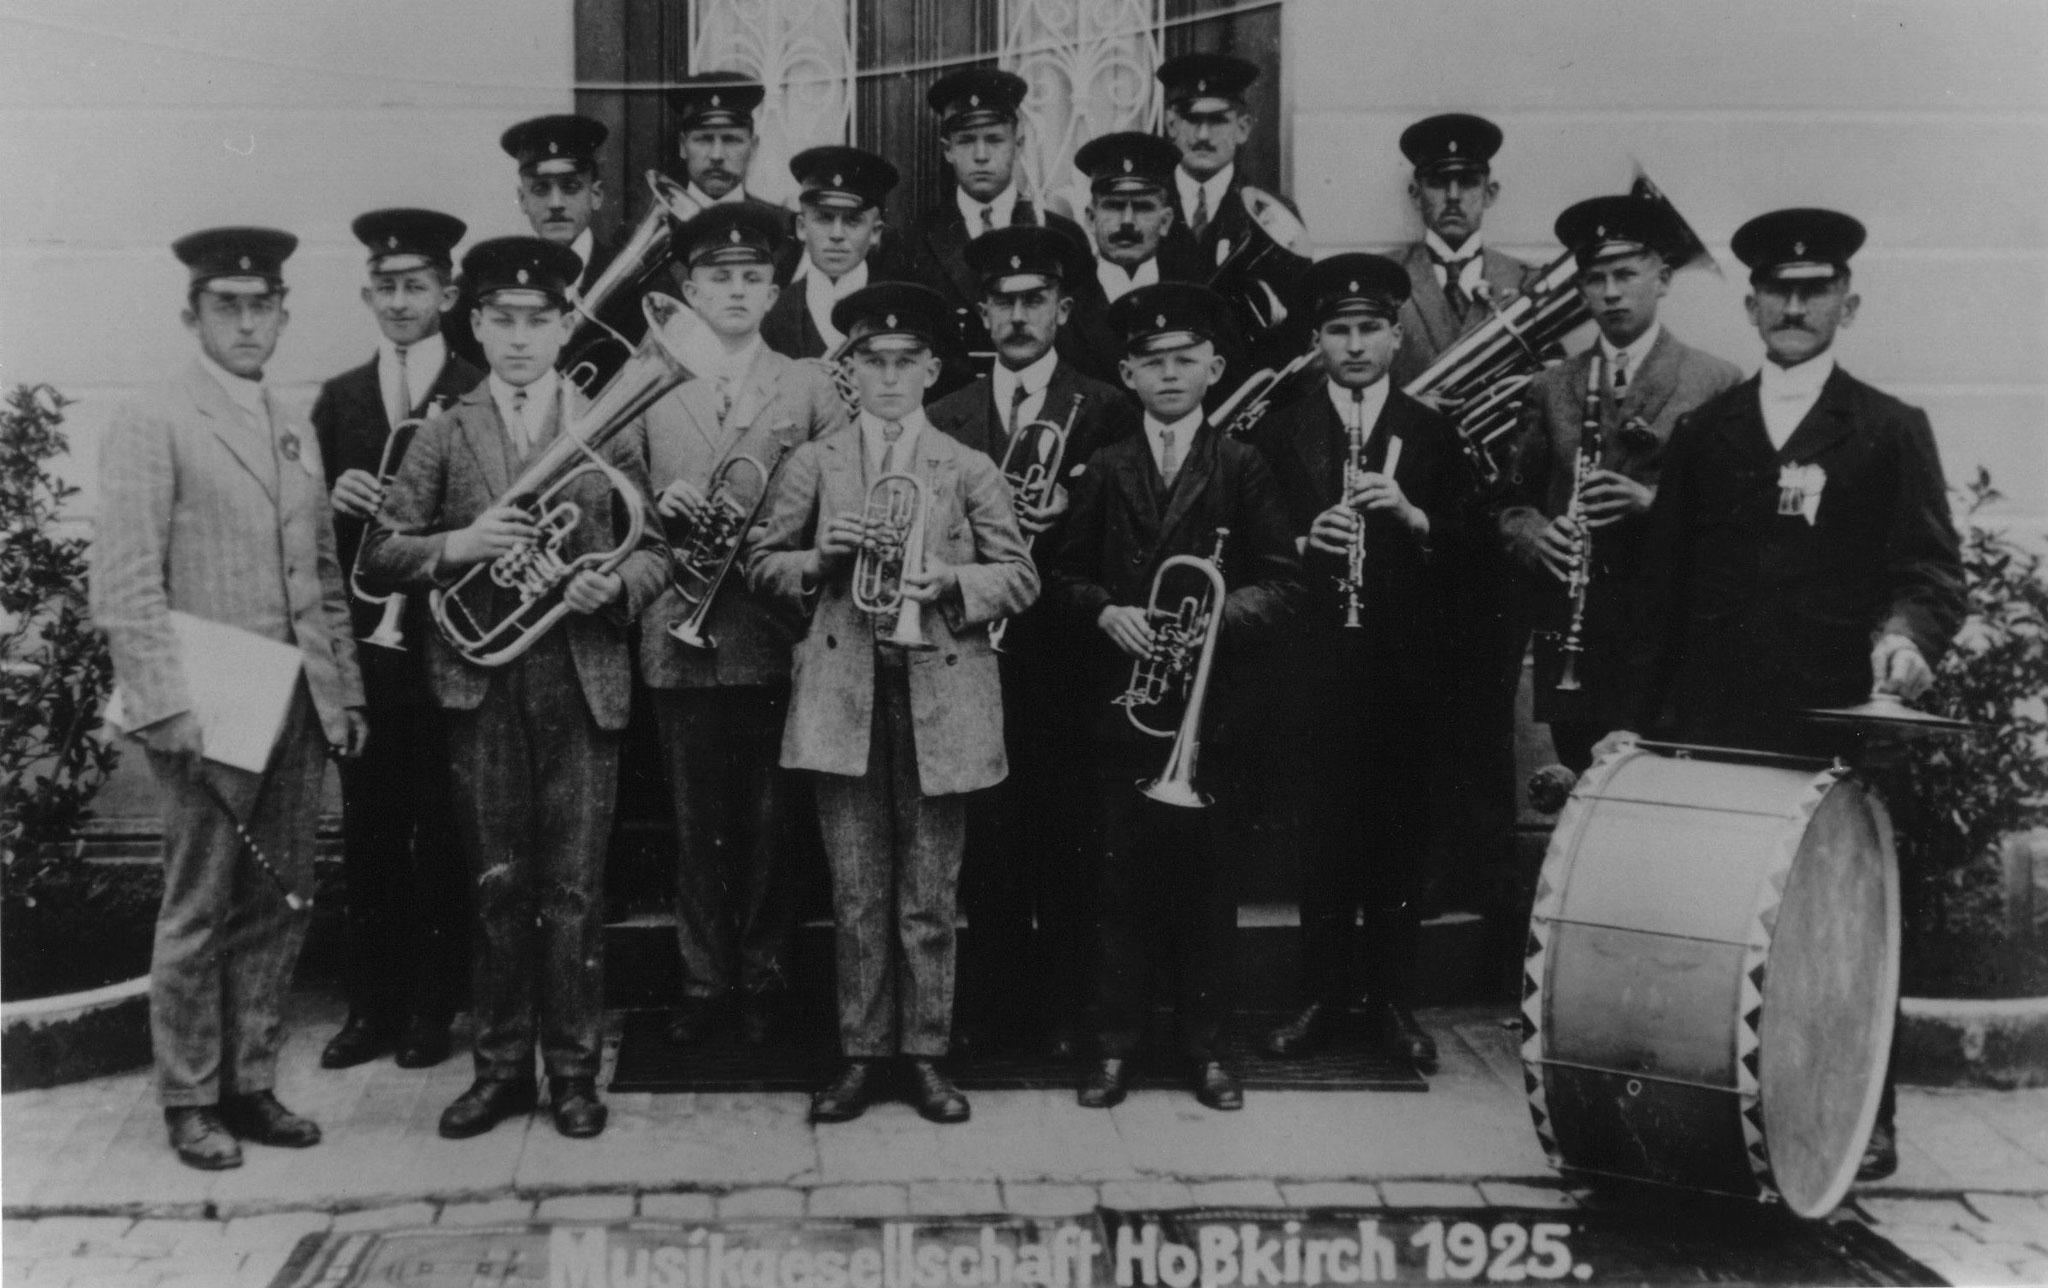 Musikgesellschaft Hoßkirch - 1925